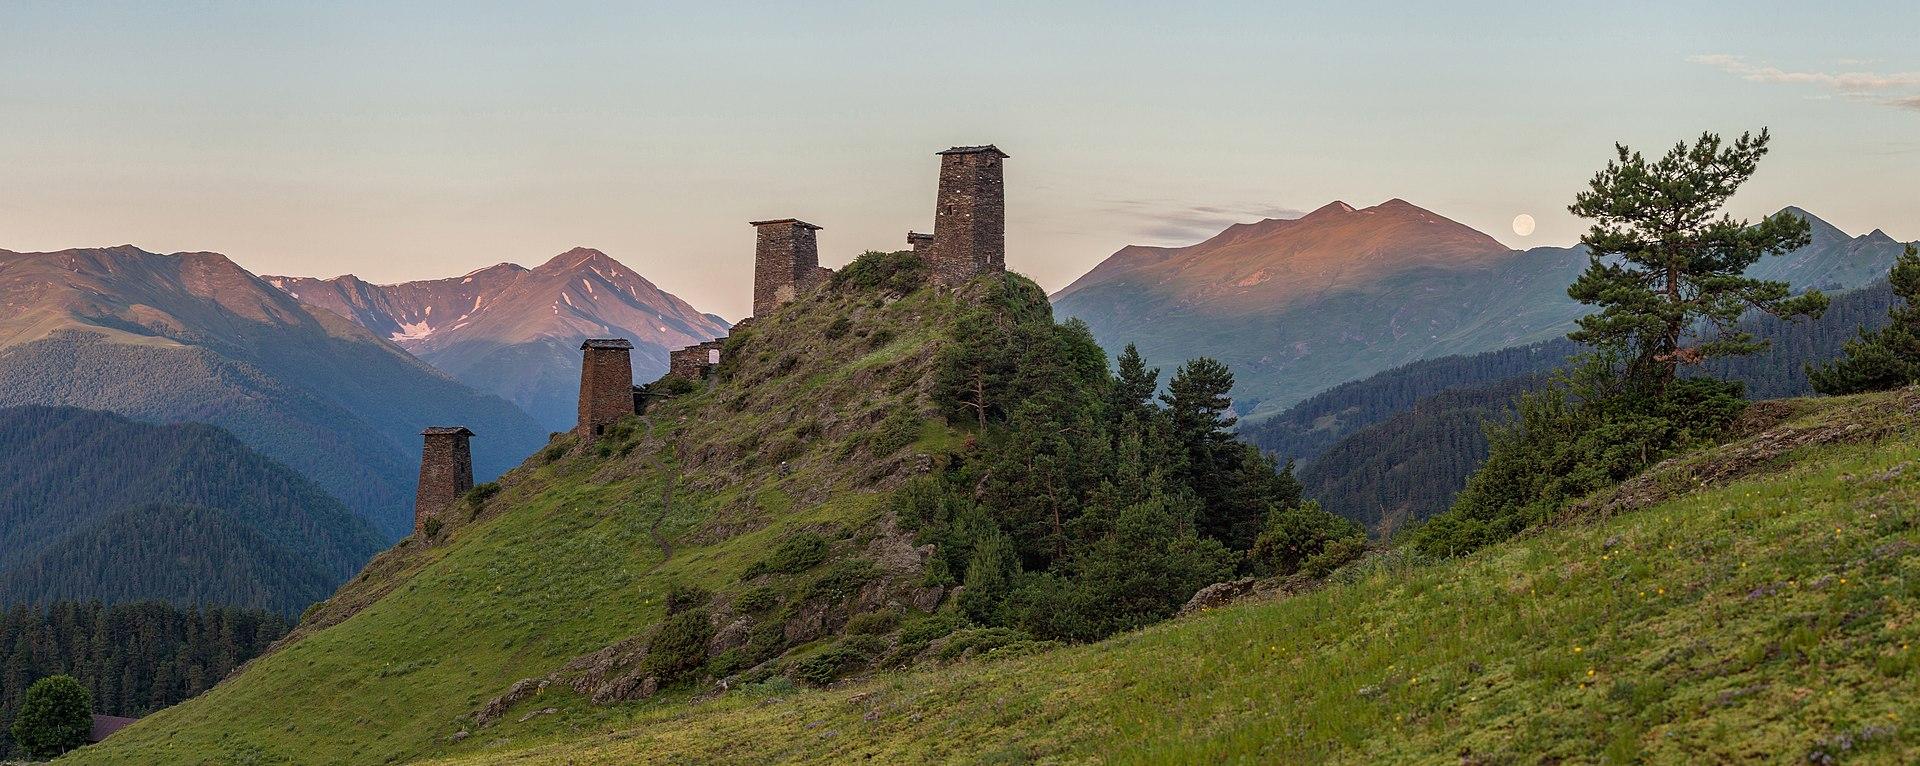 1920px-2018_-_Keselo_fortress.jpg